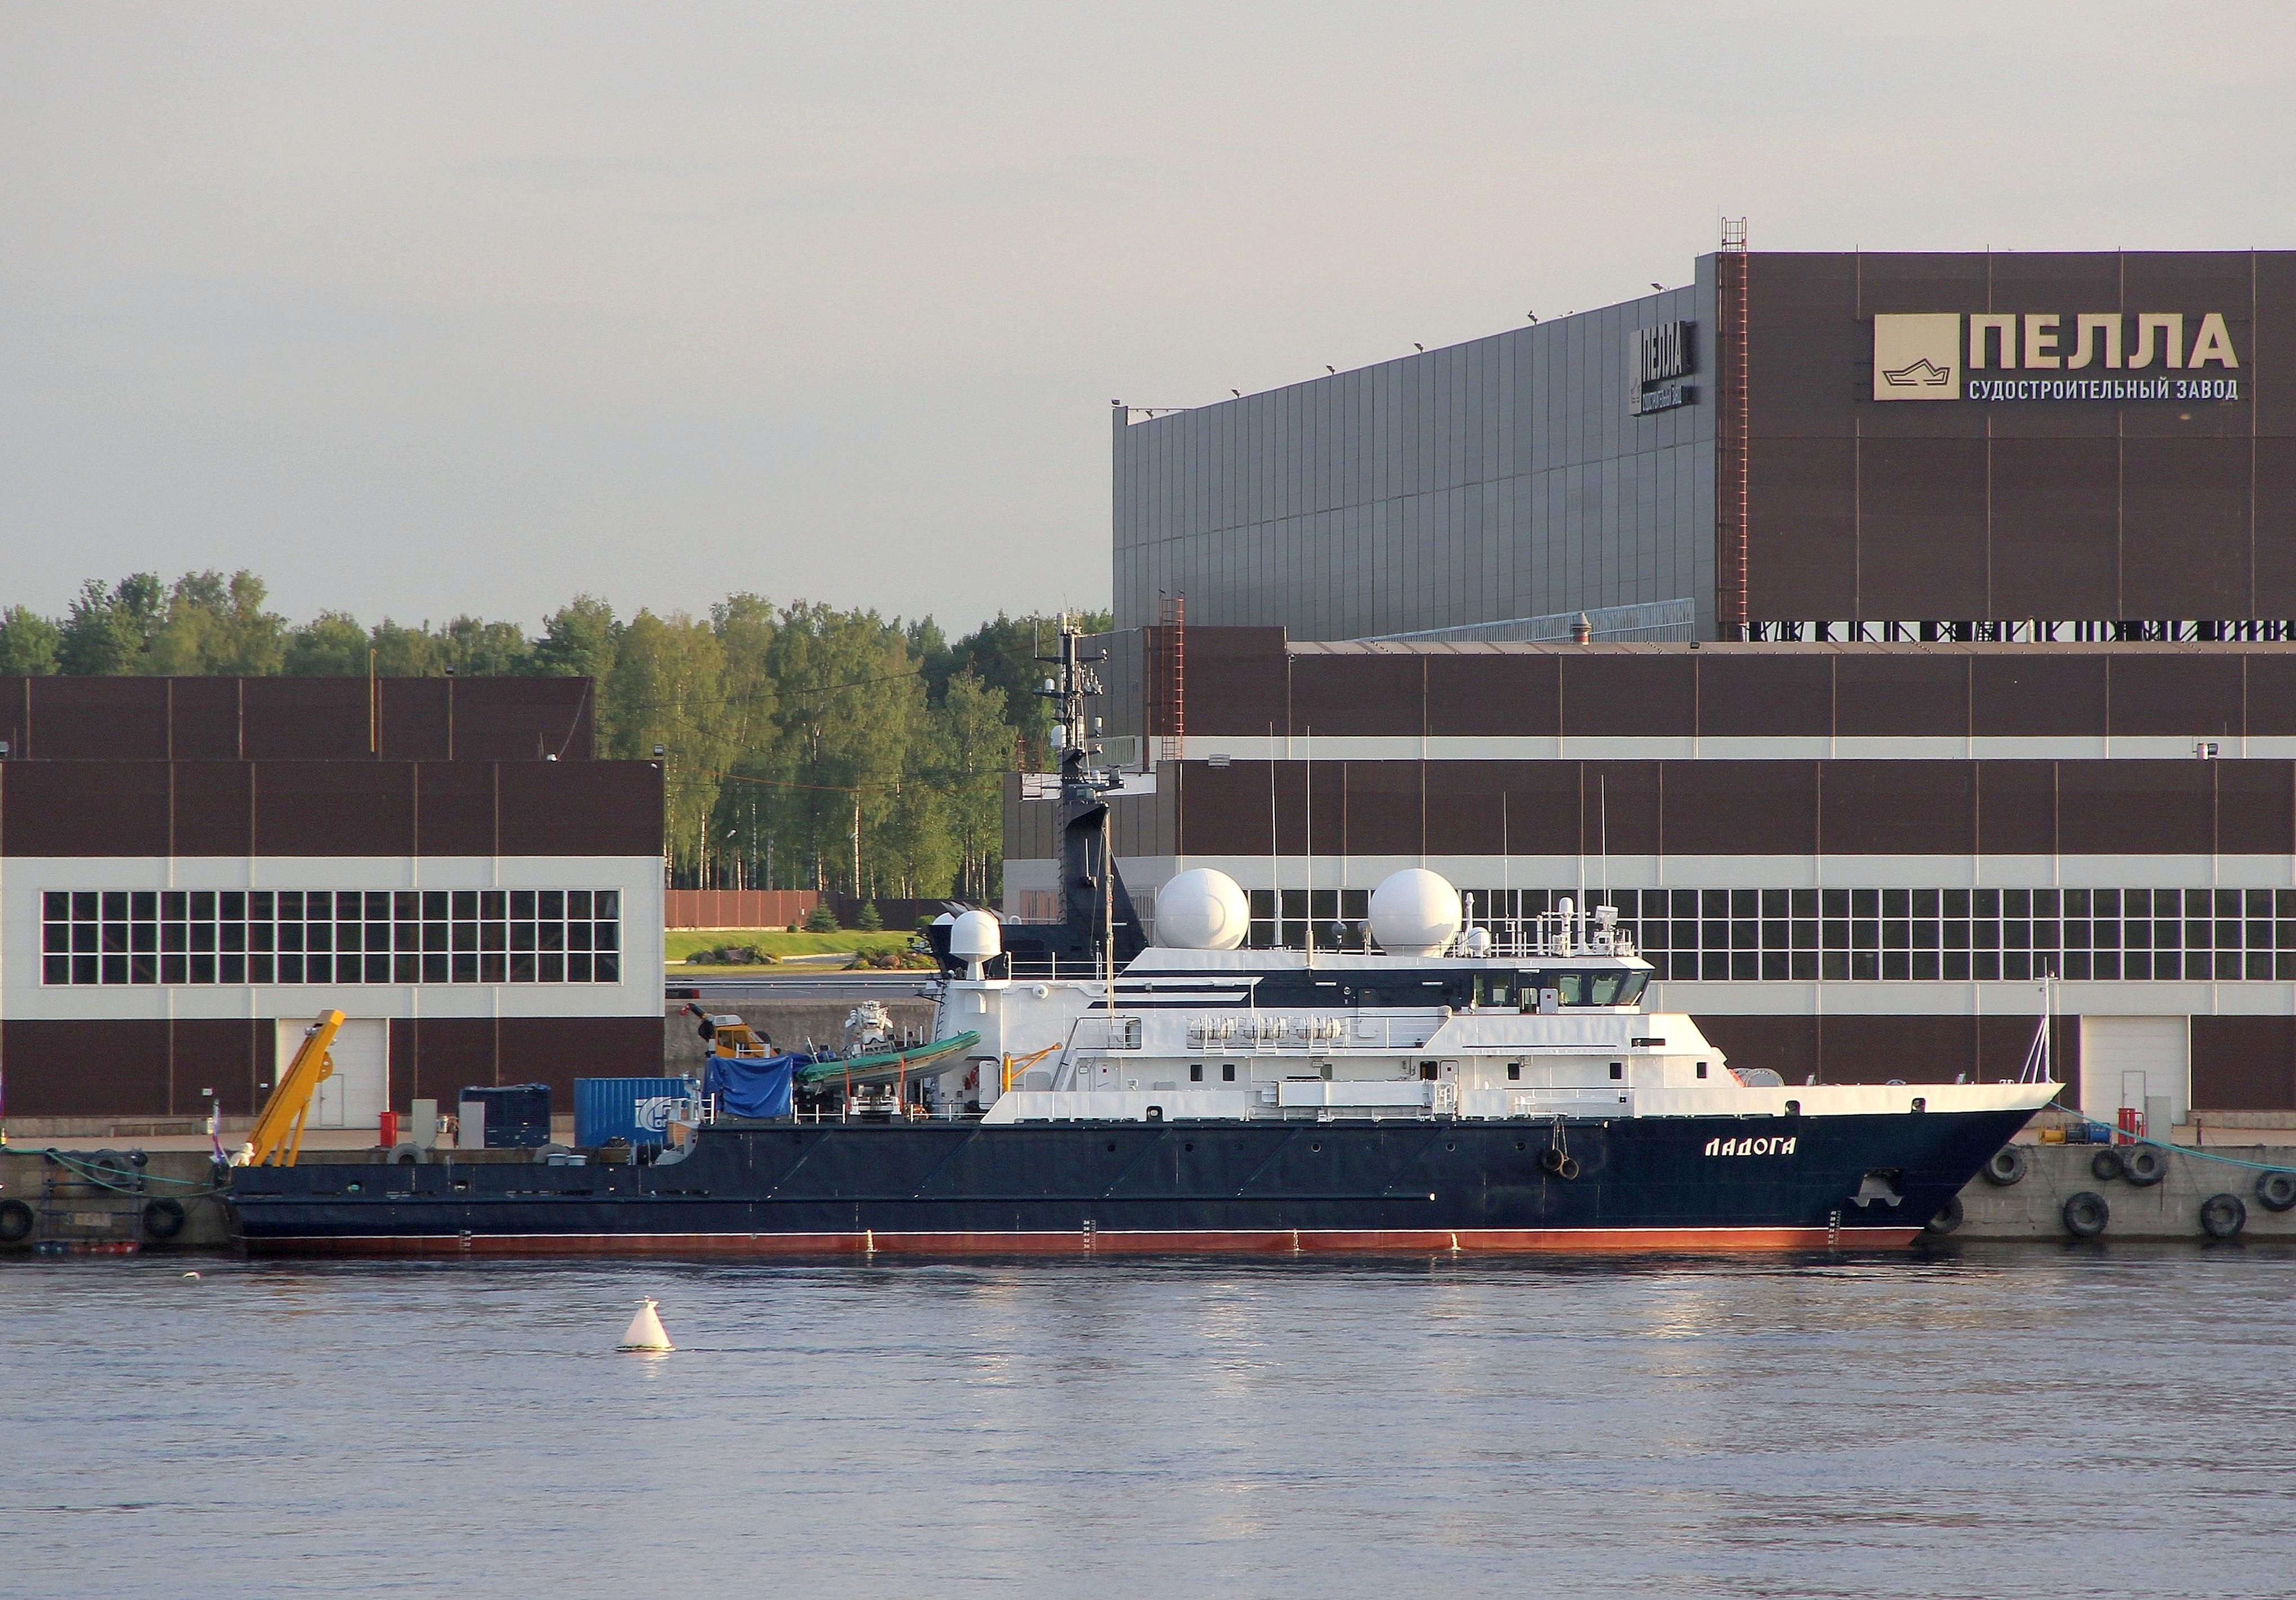 Опытовое судно «Ладога» проекта 11982 вышло на заводские ходовые испытания 24-6403257-11982-ladoga-ssz-pella-23.06.2018